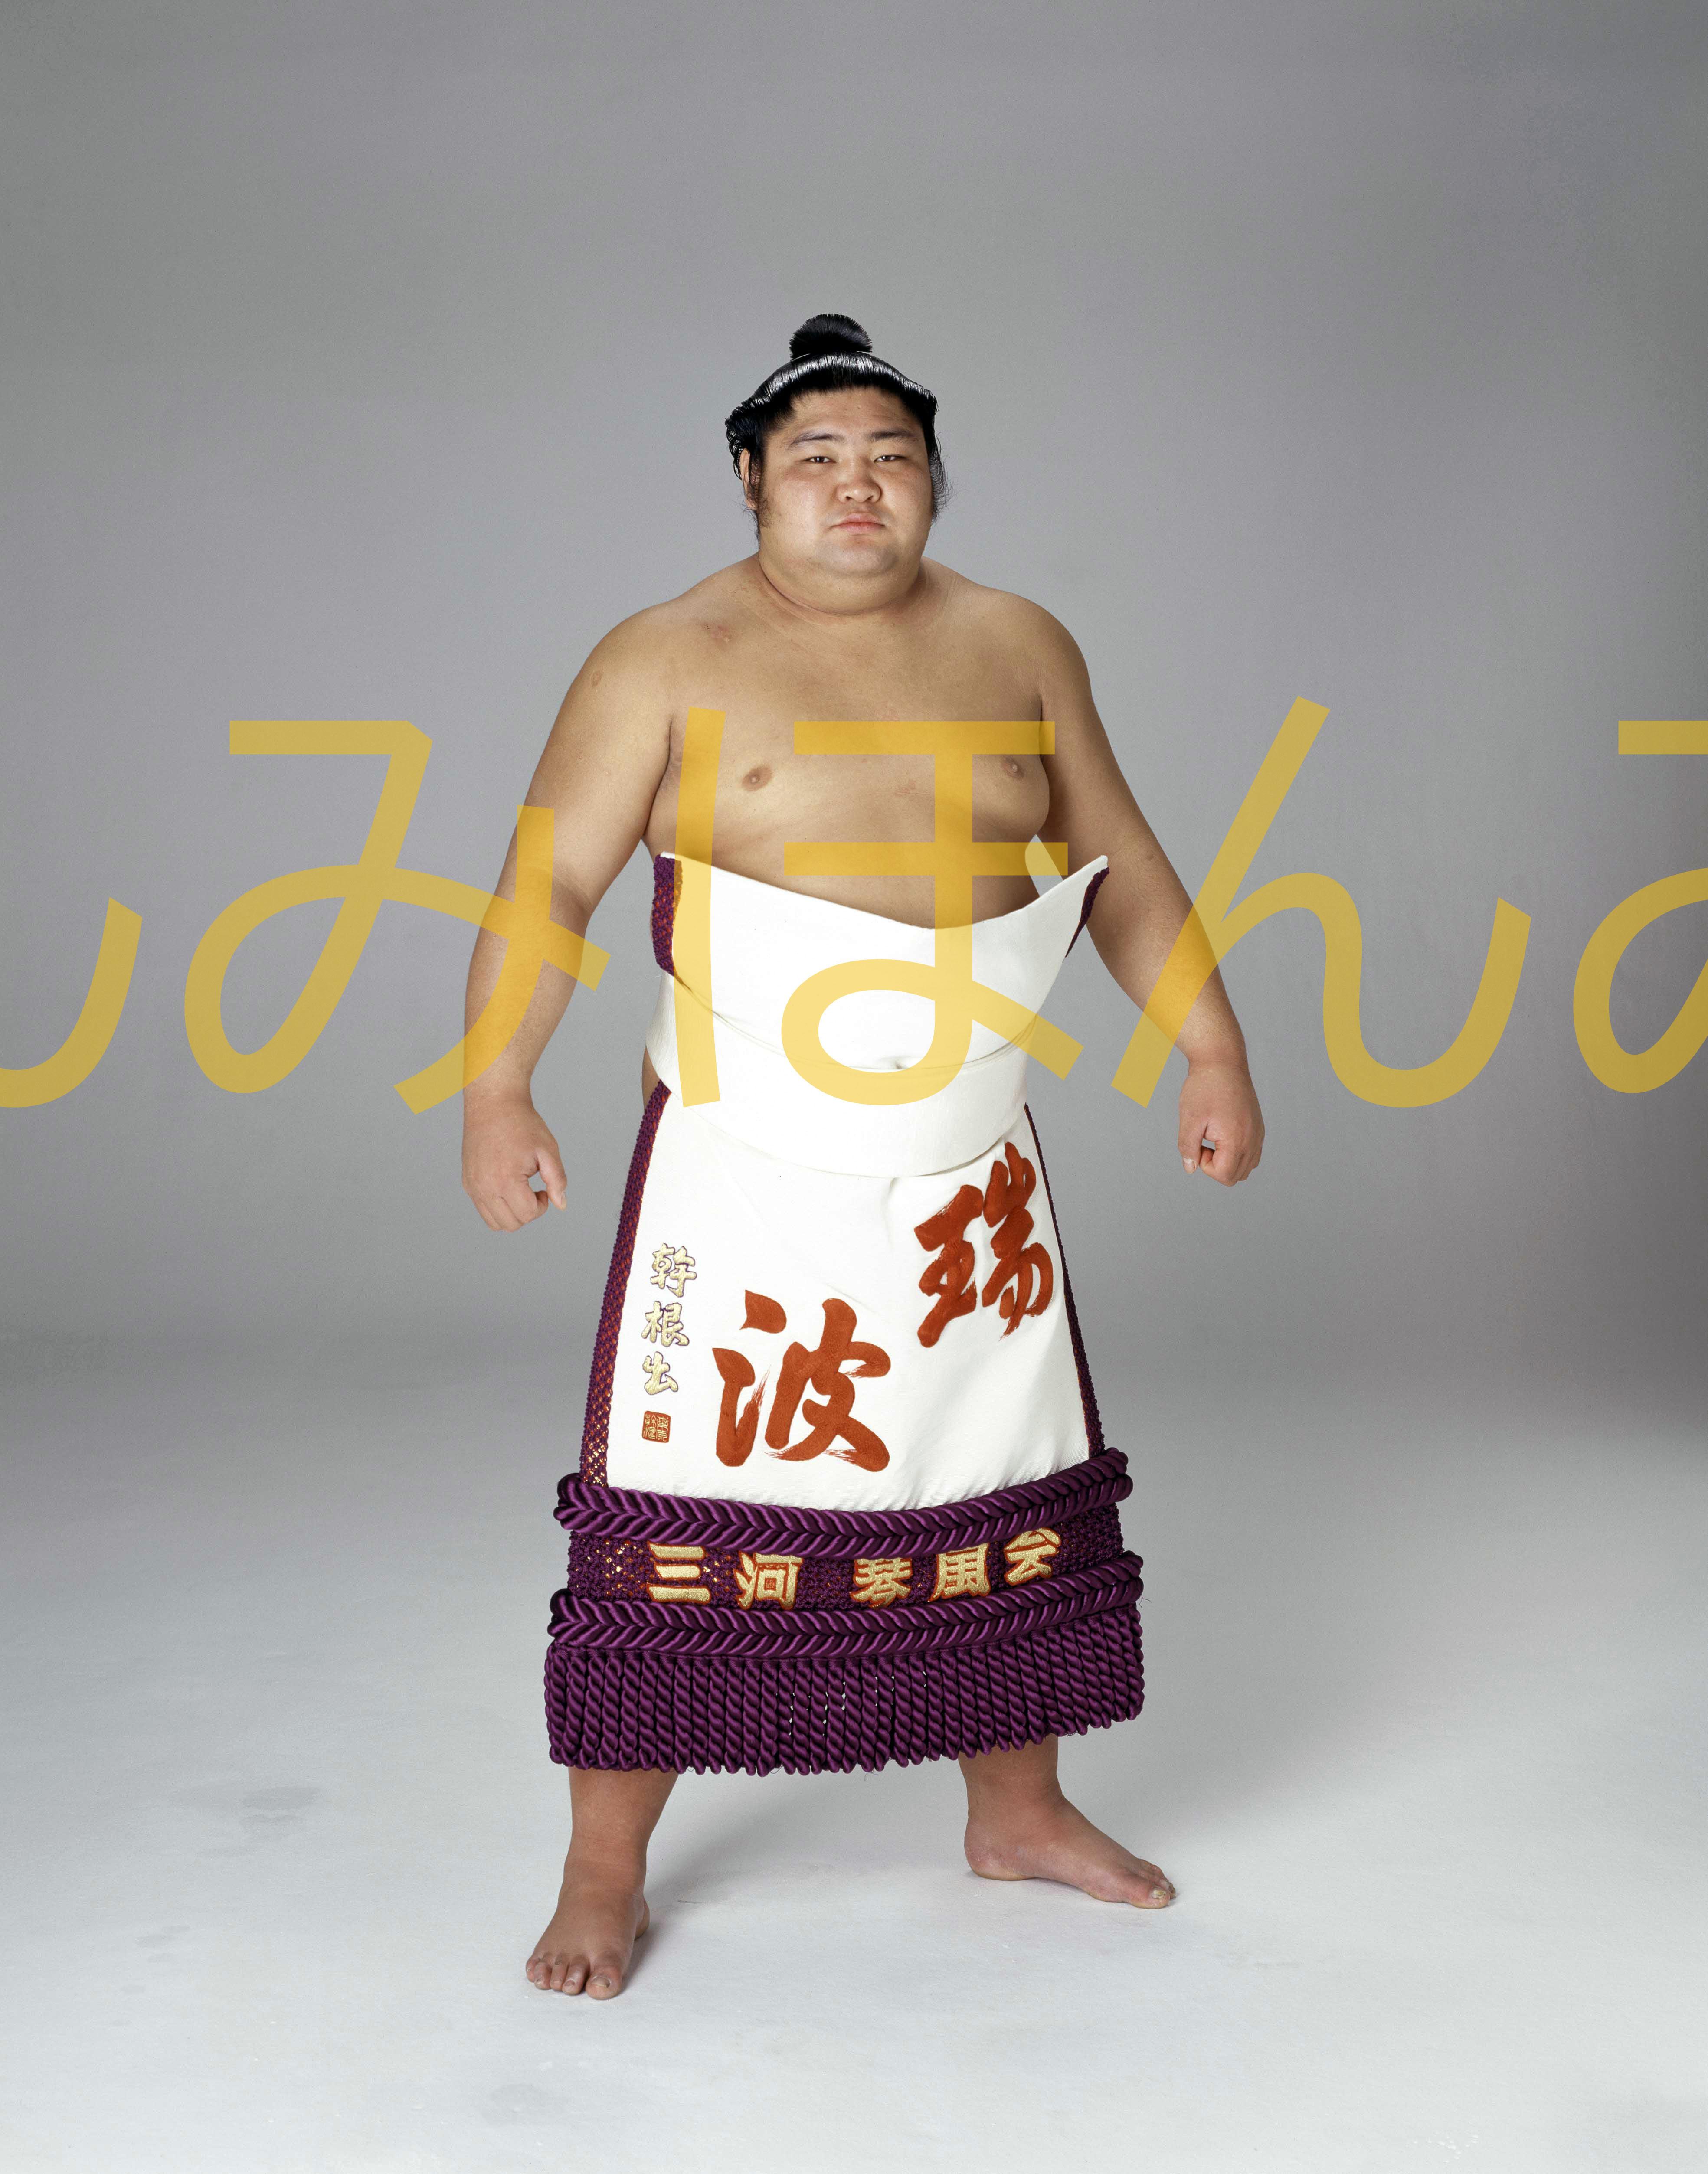 昭和58年1月場所優勝 大関 琴風豪規関(2回目の優勝)